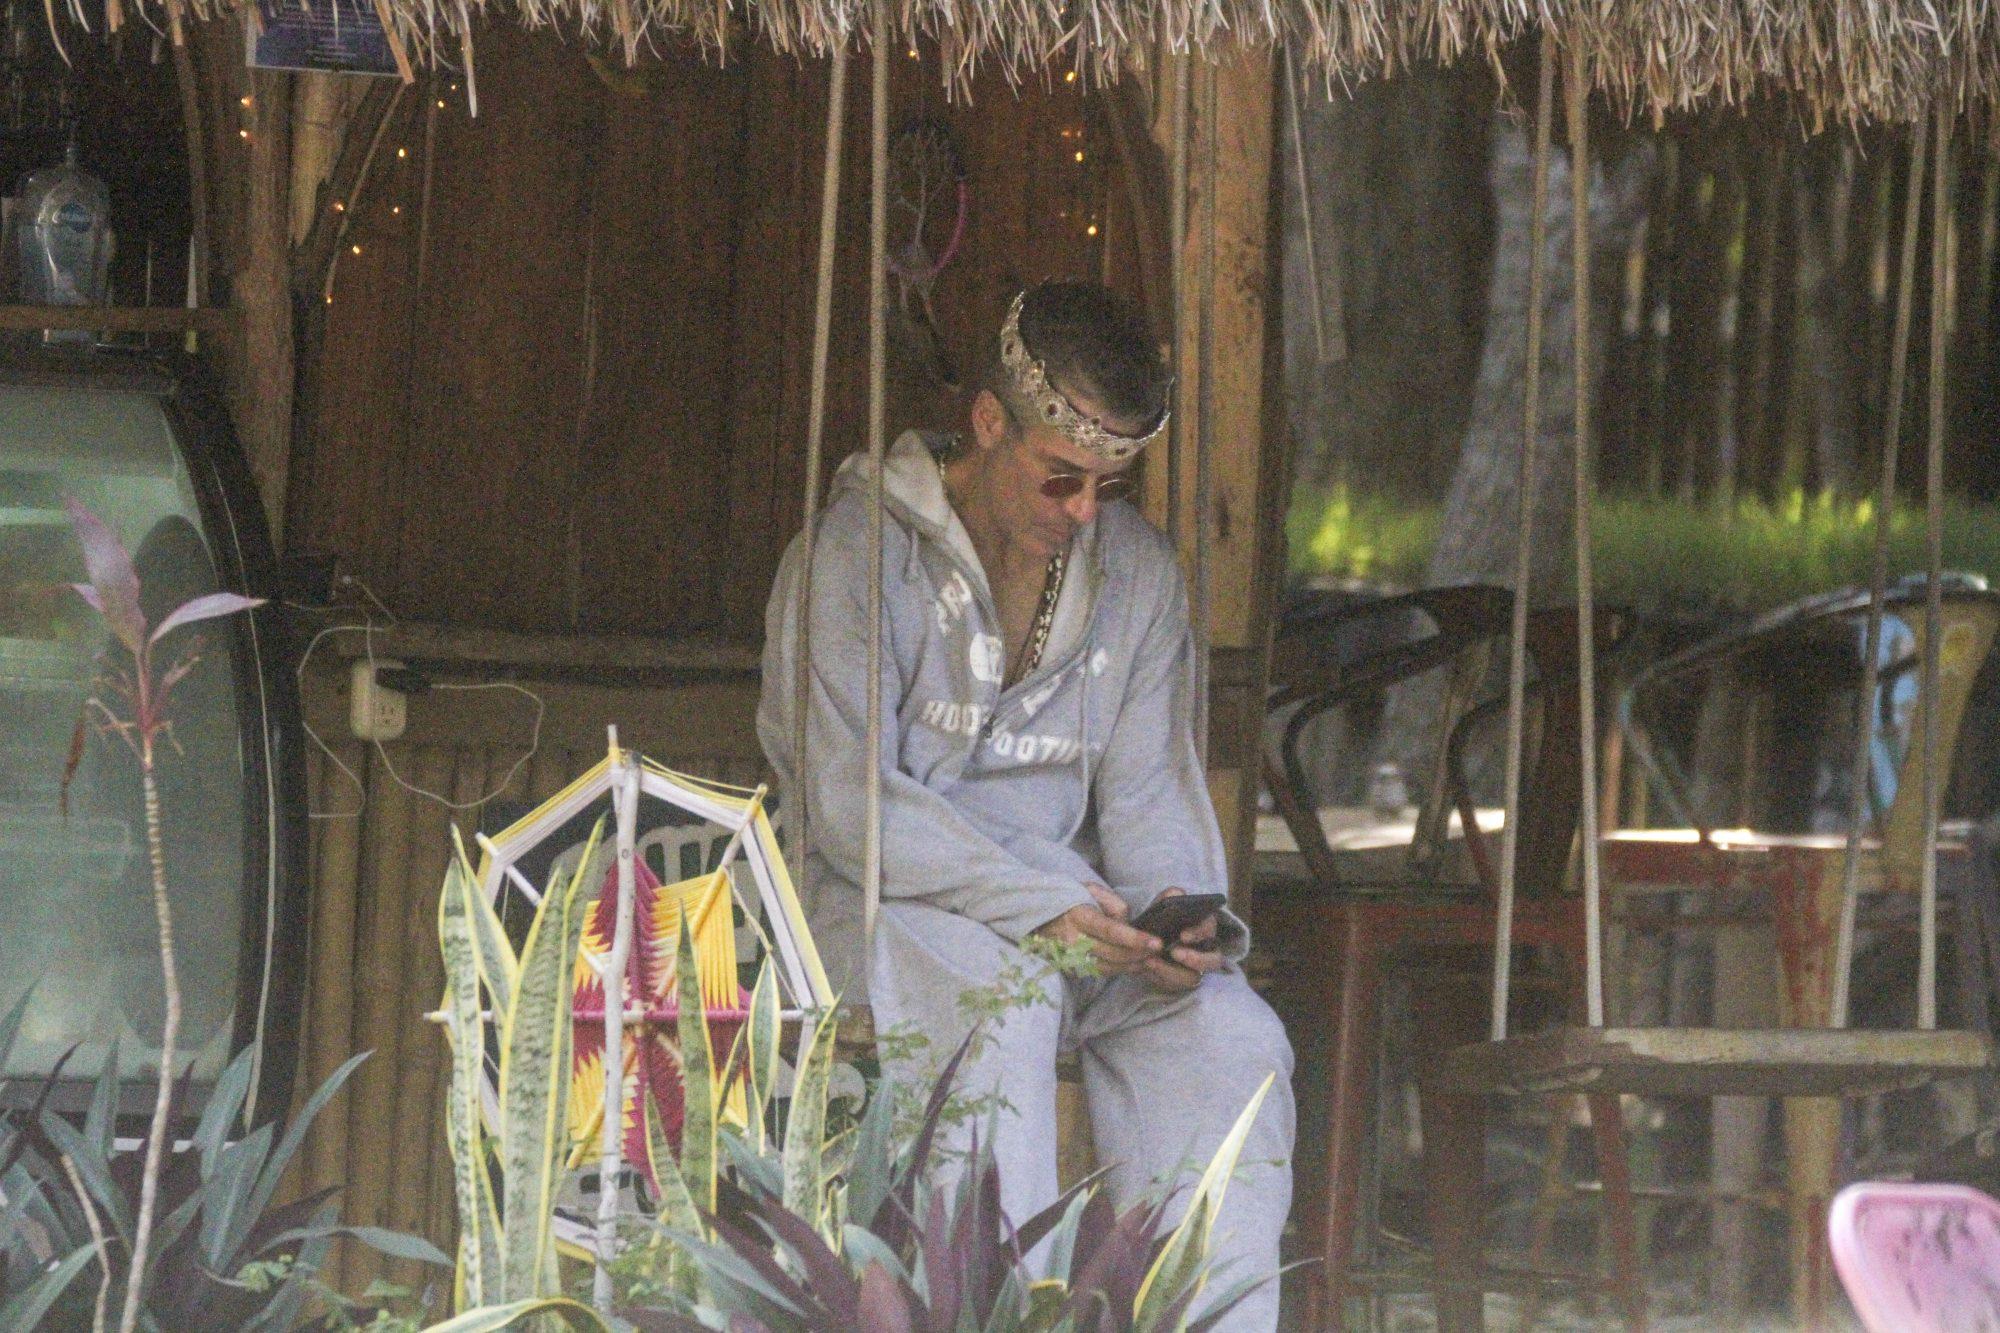 Fernando Carrillo, luciendo una corona en su cabeza en tulum mexico